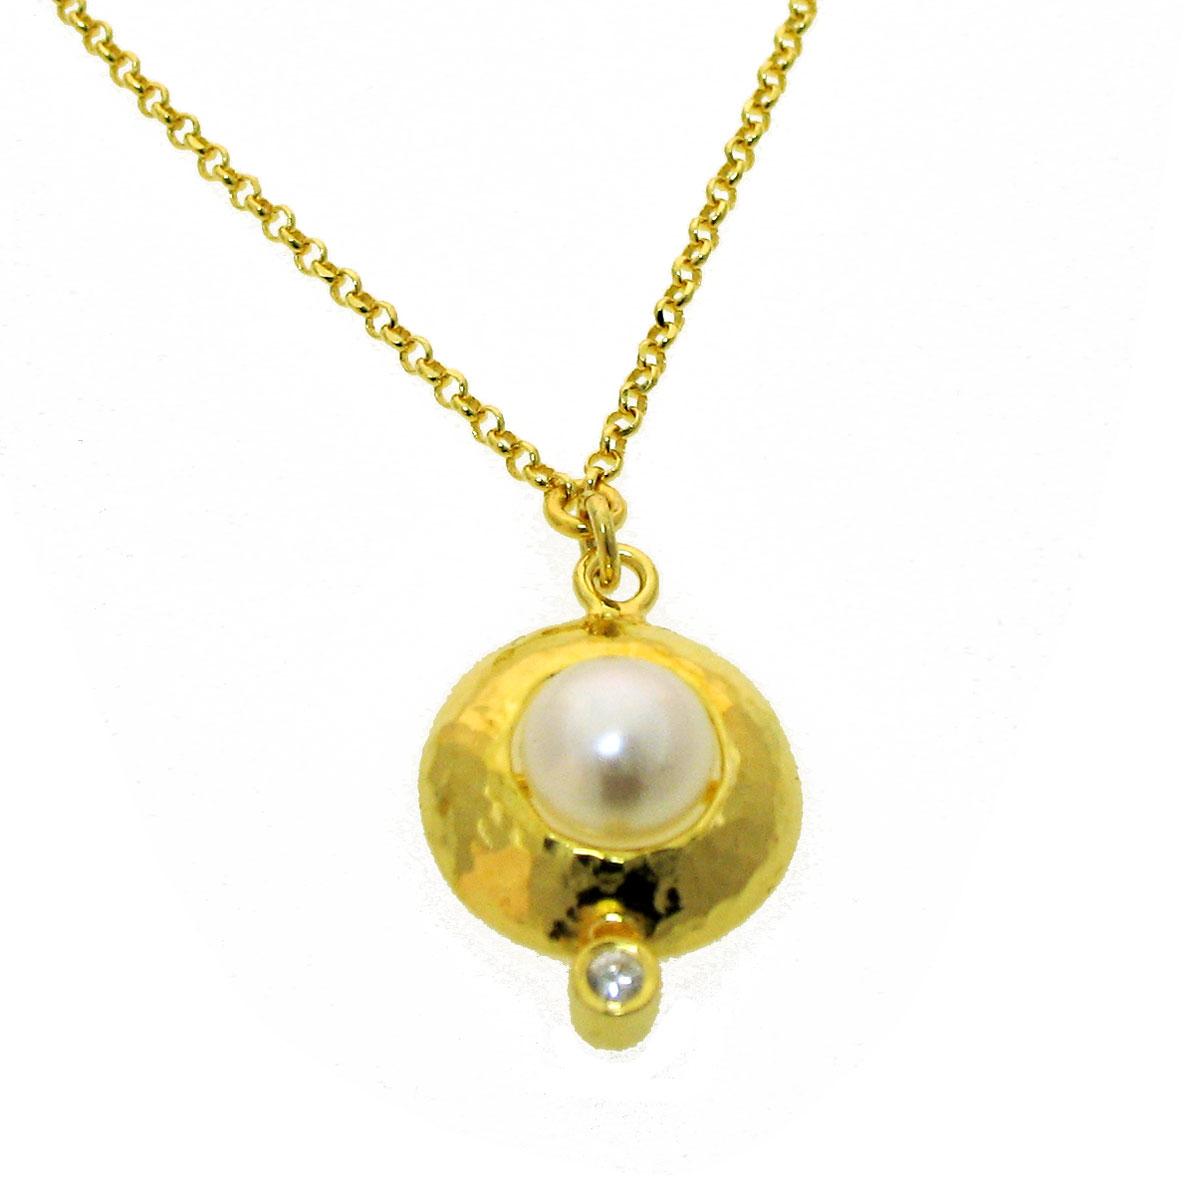 Χειροποίητο κολιέ από επιχρυσωμένο ασήμι 925ο με ημιπολύτιμες πέτρες  (Πέρλες και Ζιργκόν).  IJ-040009  38cb3690092